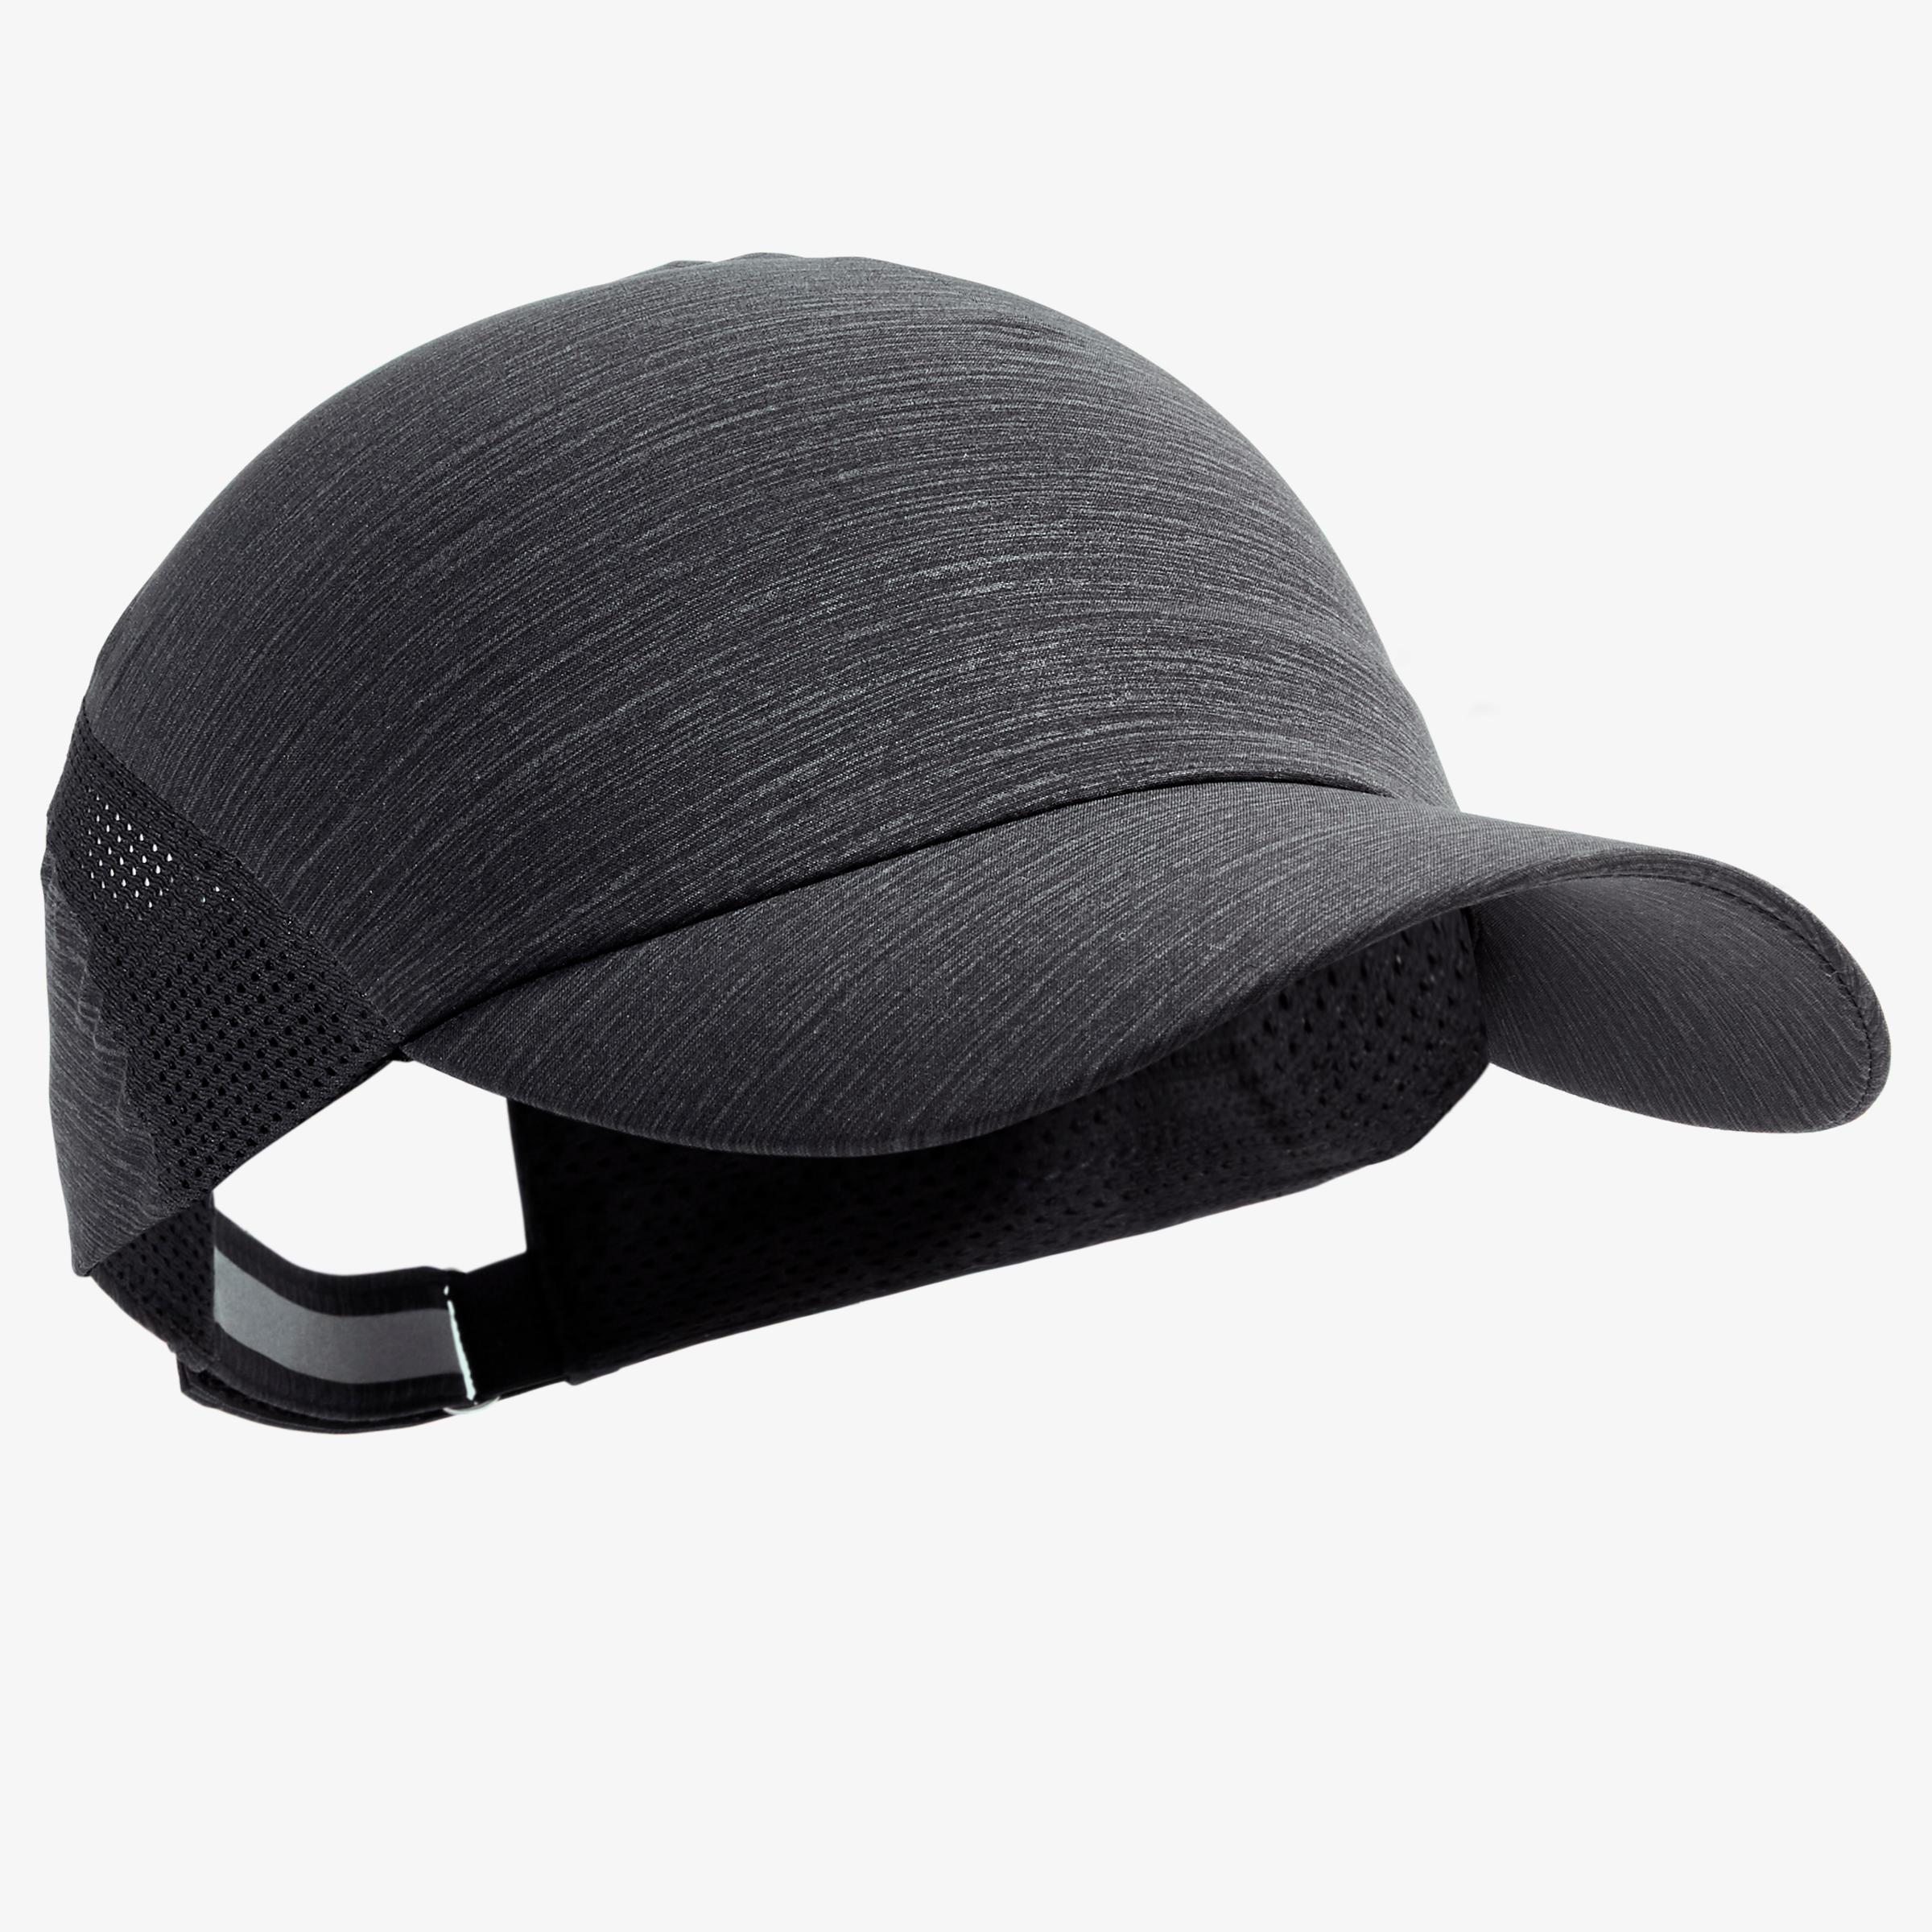 37bec762963 Pet of hoed kopen? | Decathlon.nl